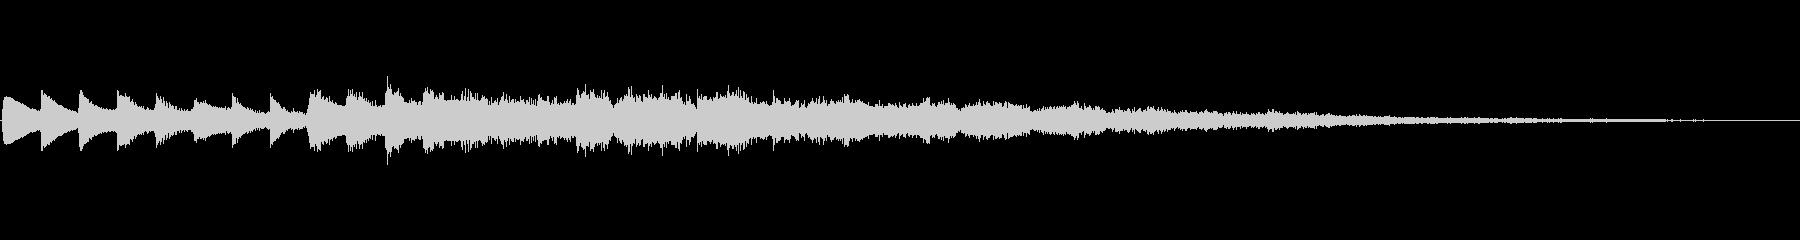 ピカーン 宇宙的 タイトル テロップ 光の未再生の波形